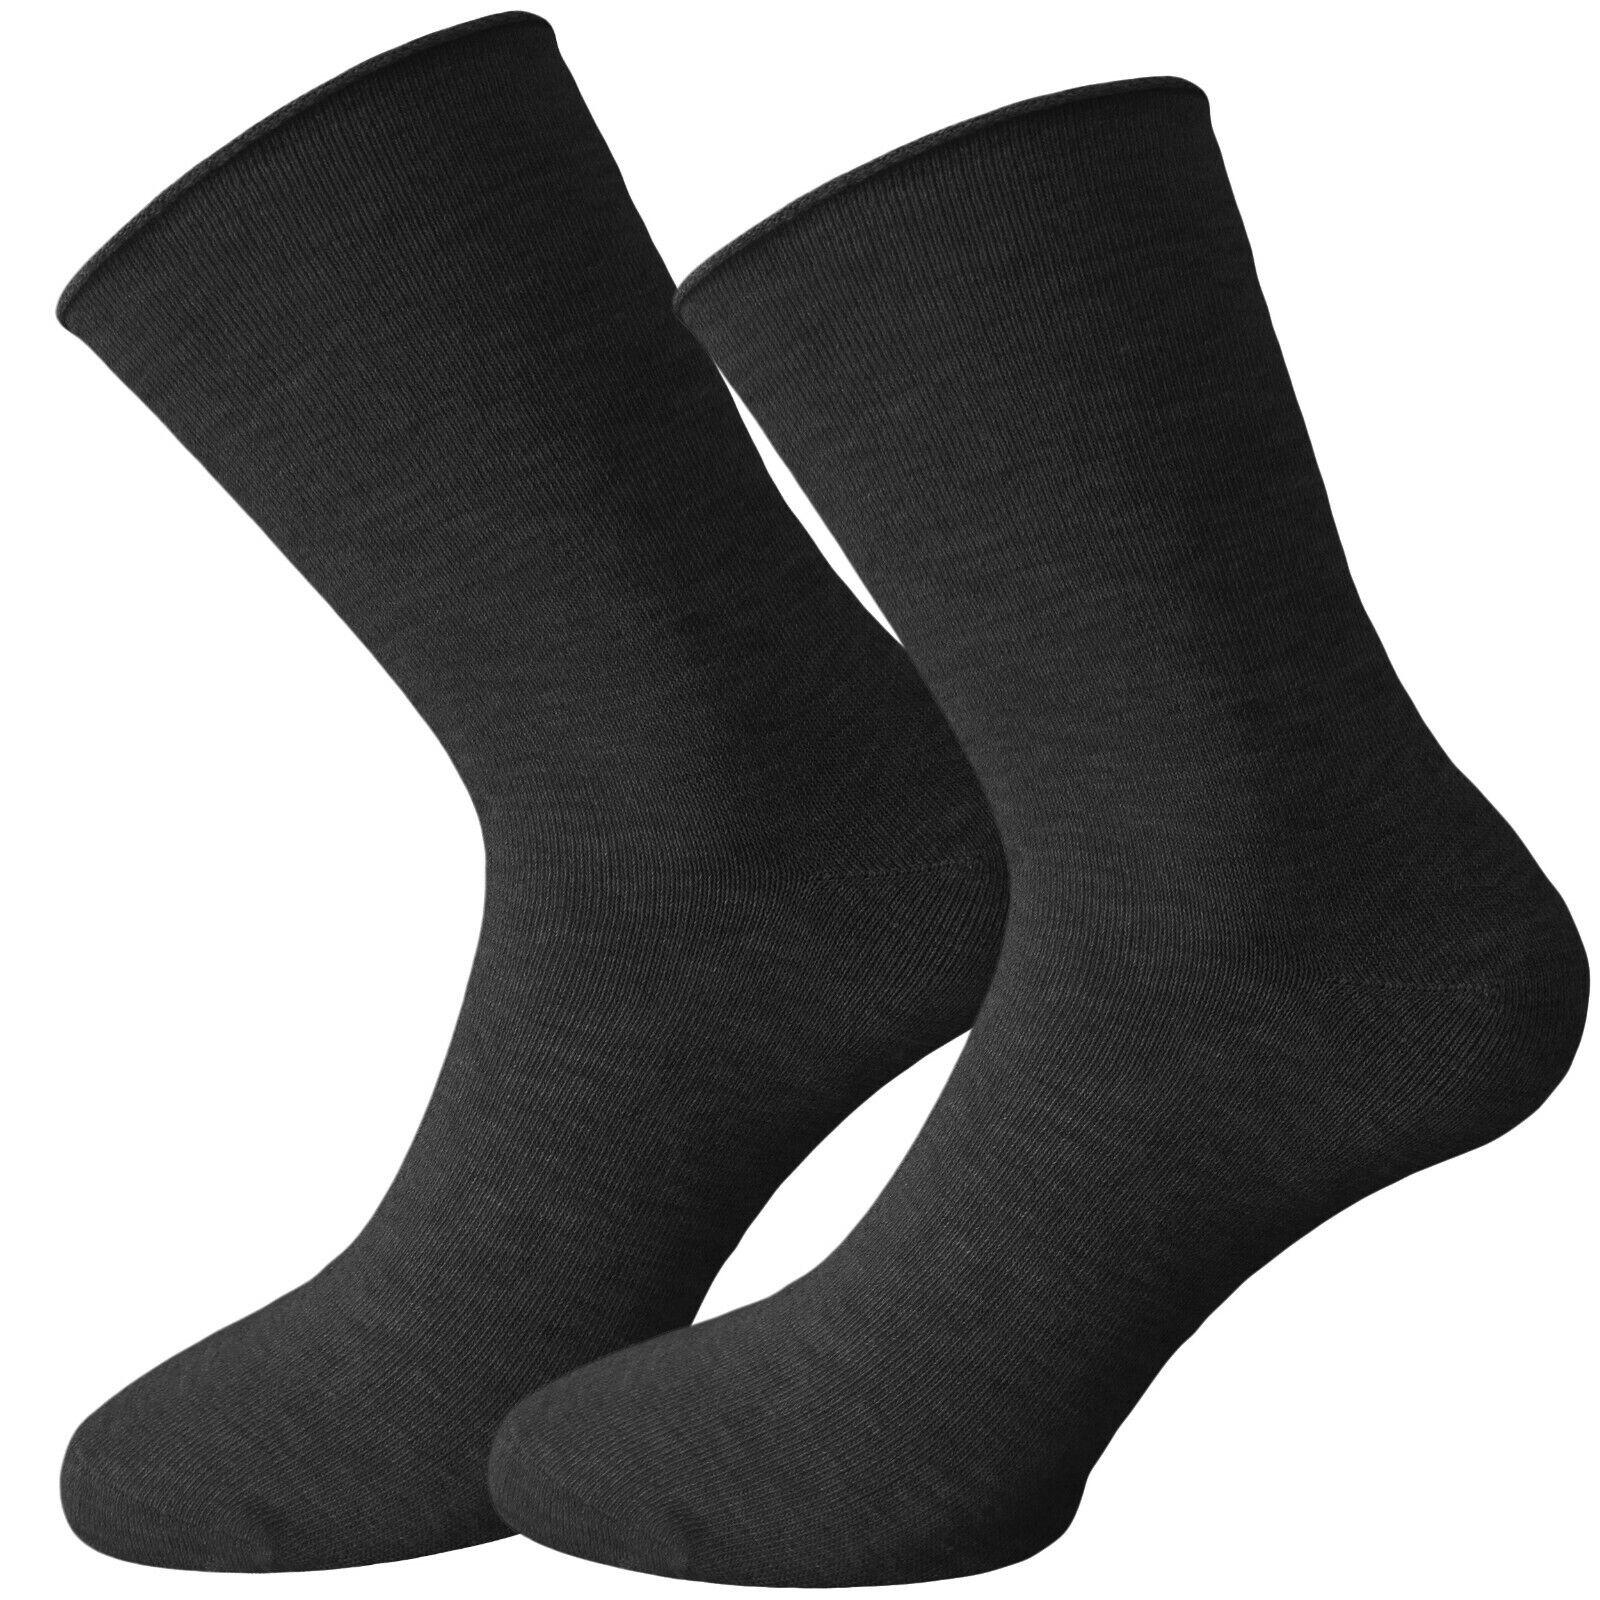 große Vielfalt Stile attraktiver Stil klassisch Details zu 6x EXTRA WEITE Socken für Problemfüße - OHNE GUMMI - WEITER  ZYLINDER - ELASTISCH